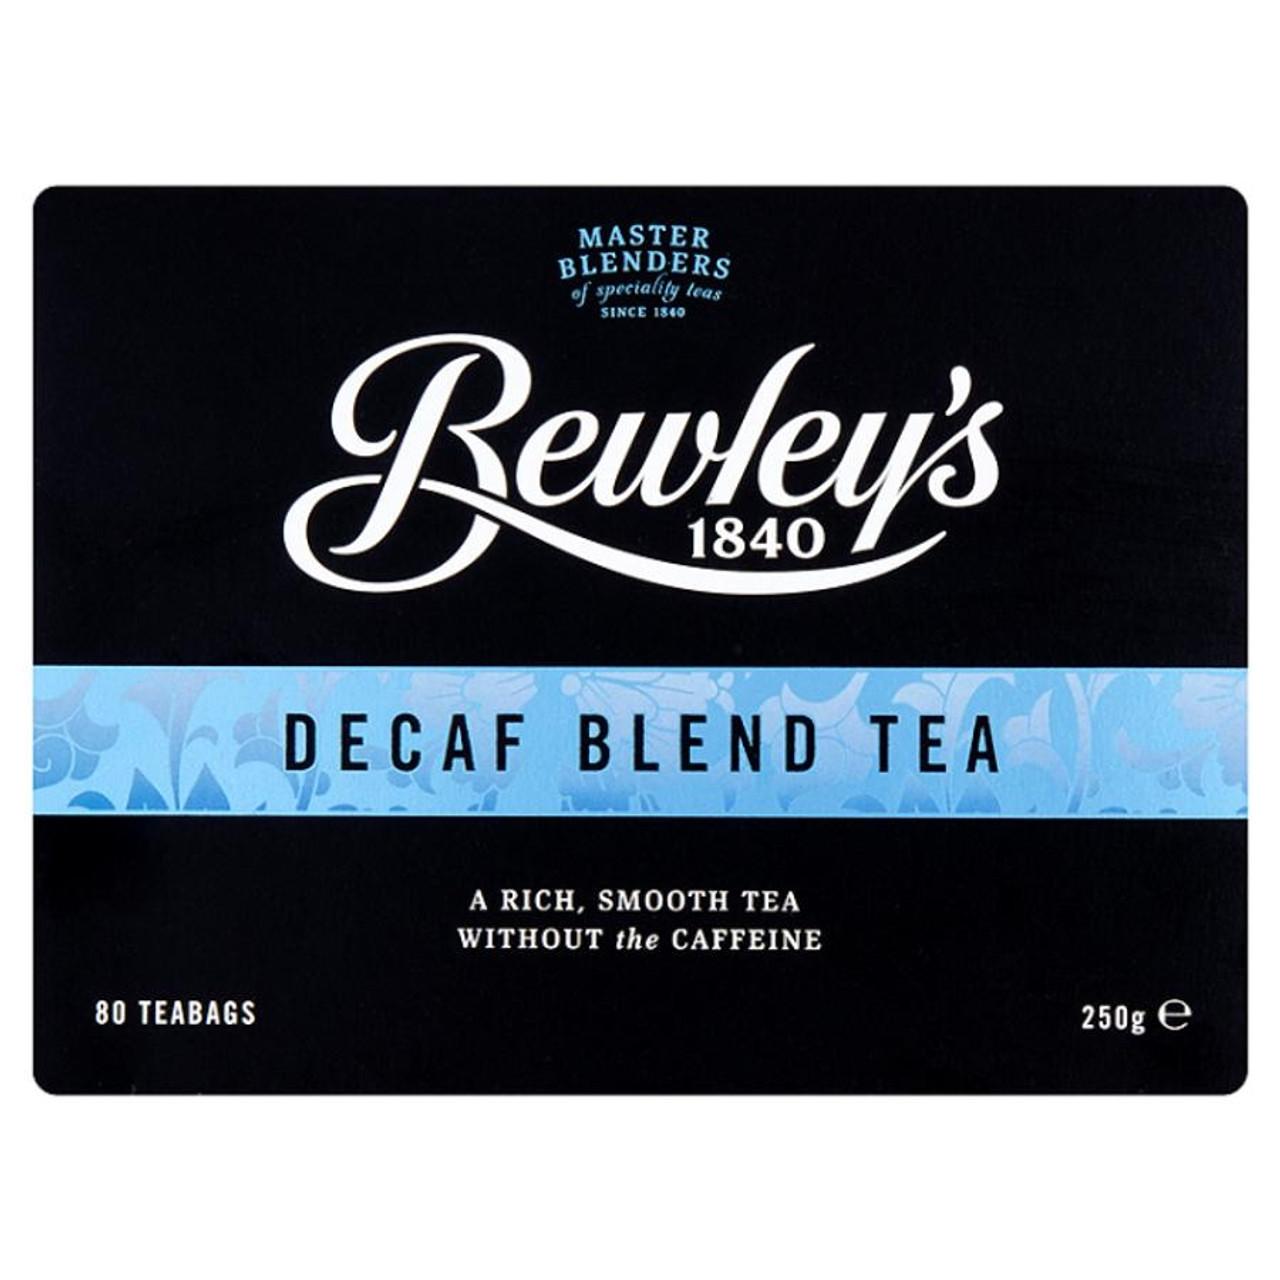 Best Decaf Coffee 2020 Bewley's Decaf Blend 80 Tea Bags (Best By Sep 2020)   teadog.com